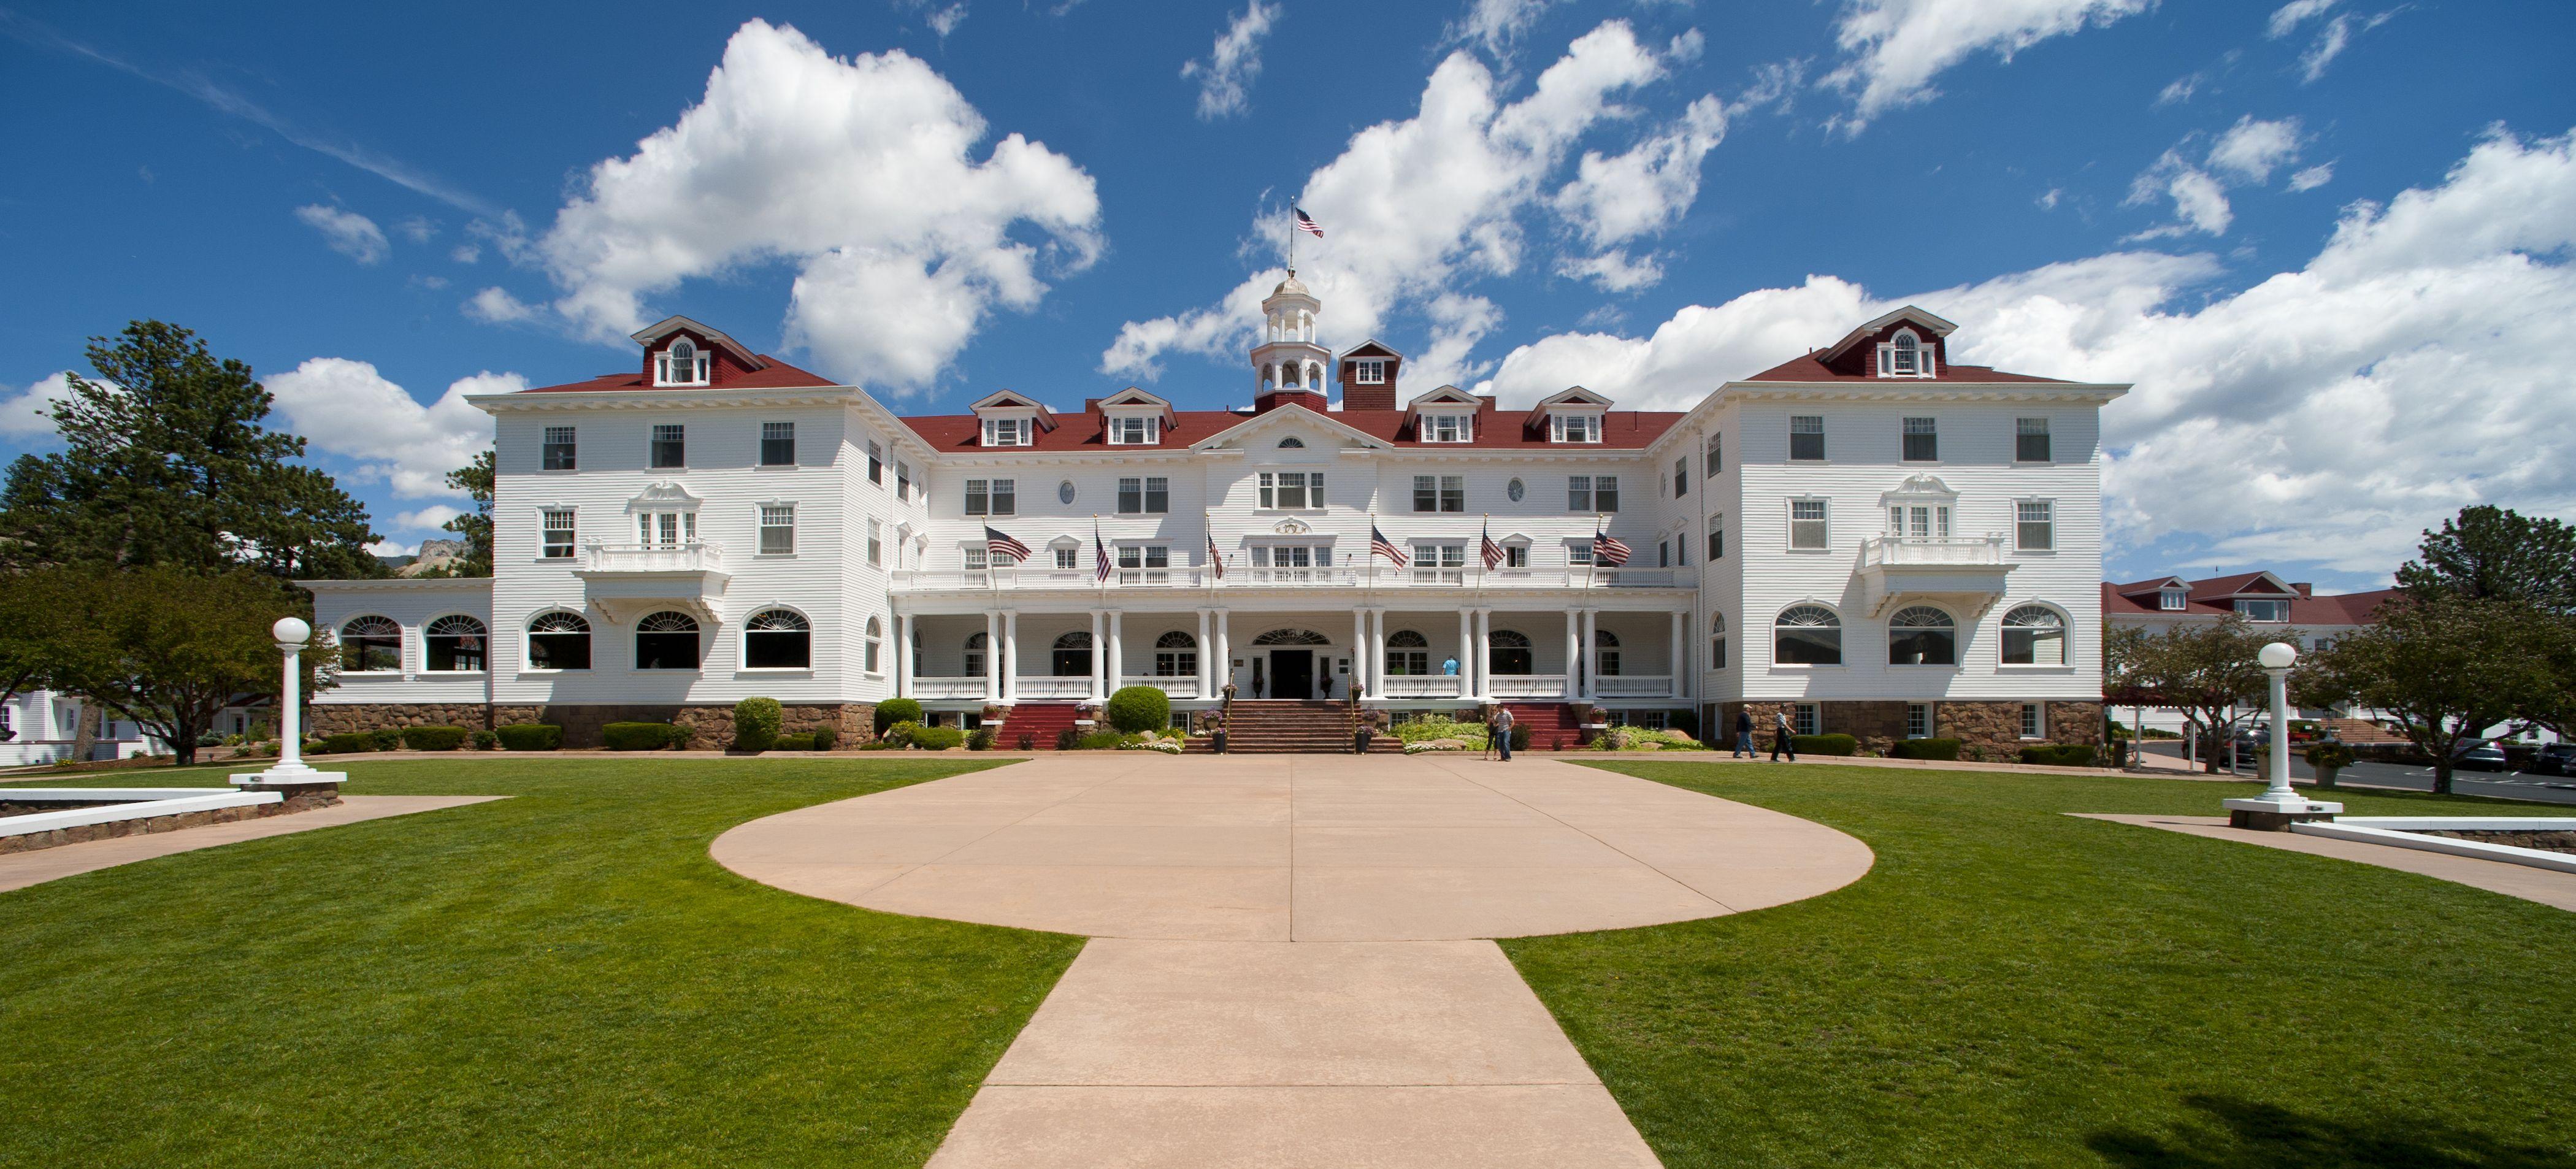 Historic Stanley Hotel- Estes Park Colorado